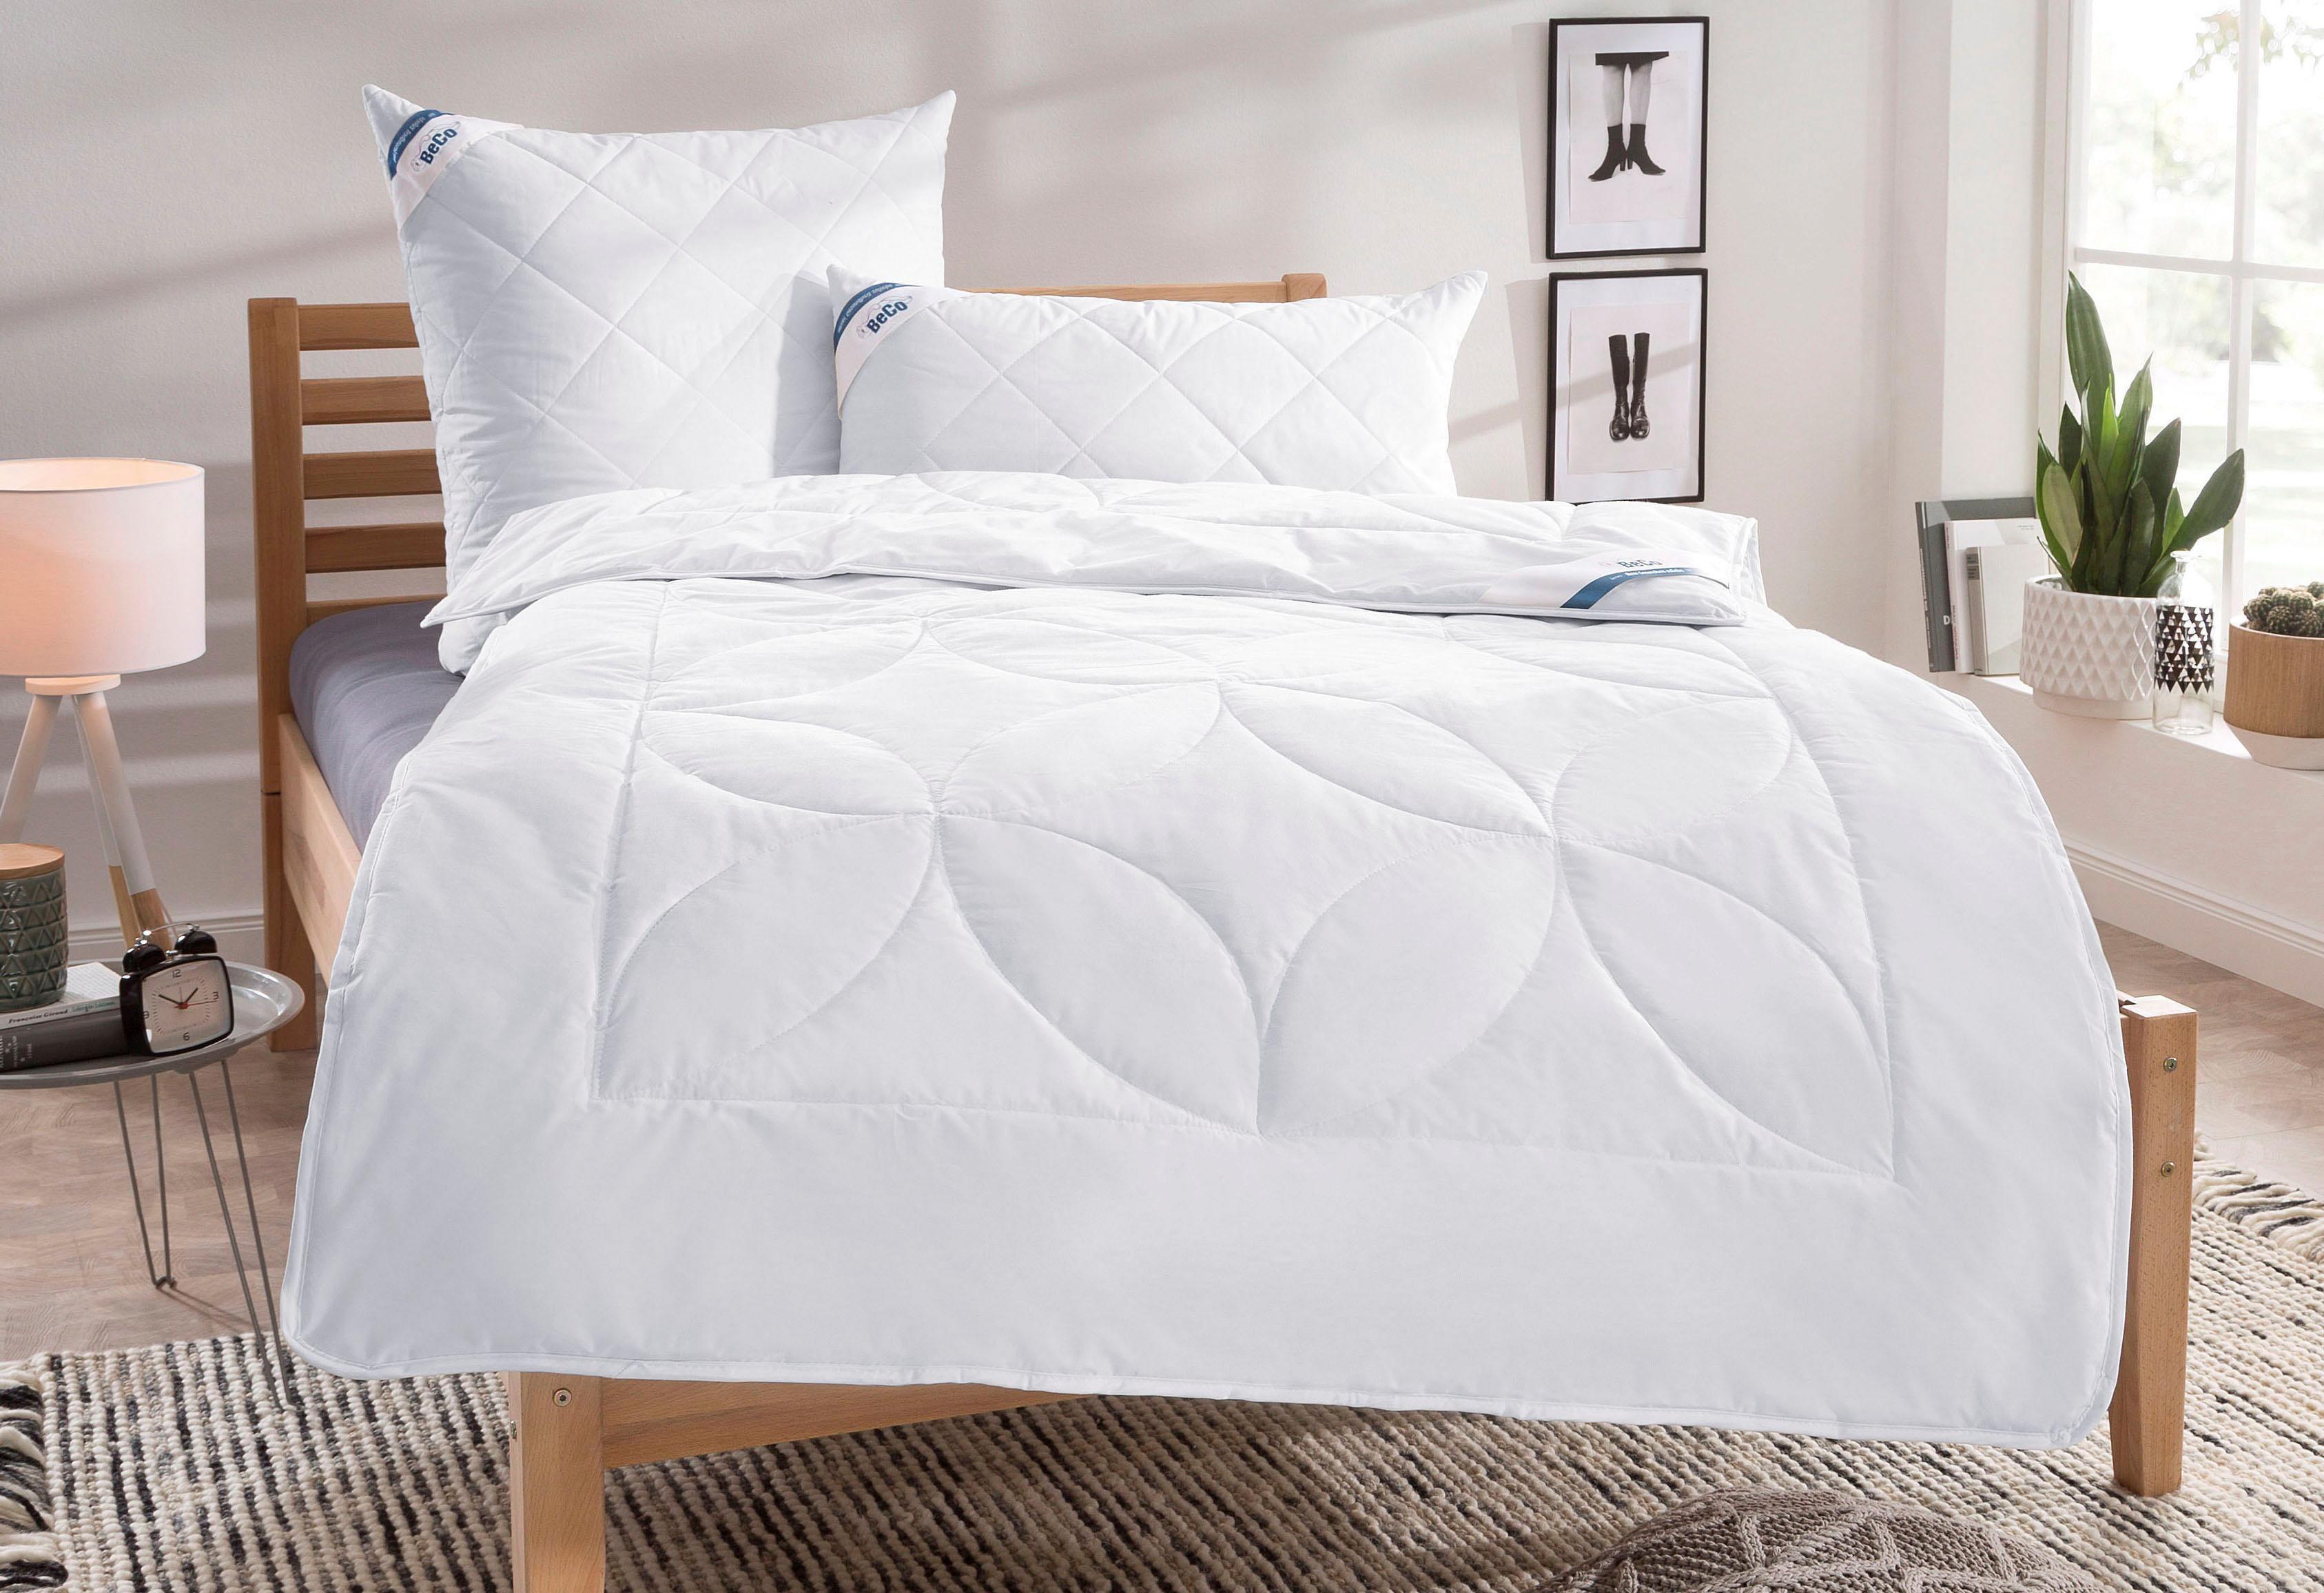 Naturfaserbettdecke Schurwolle 100 Beco leicht Füllung: 100% Schurwolle Bezug: 100% Baumwolle | Heimtextilien > Decken und Kissen > Bettdecken | Weiß | Beco